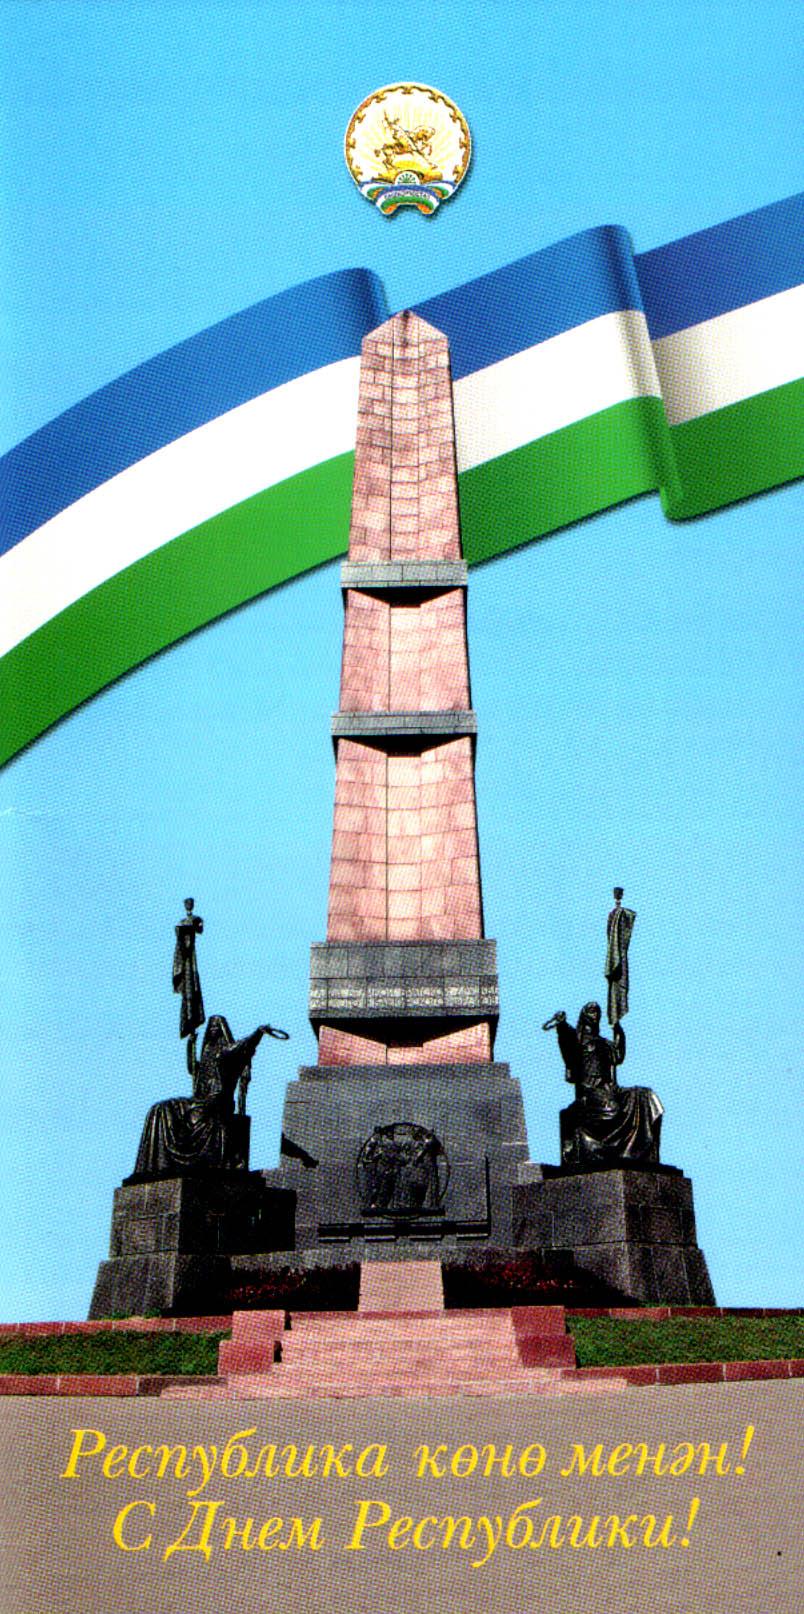 Поздравление на день республики башкортостана 298